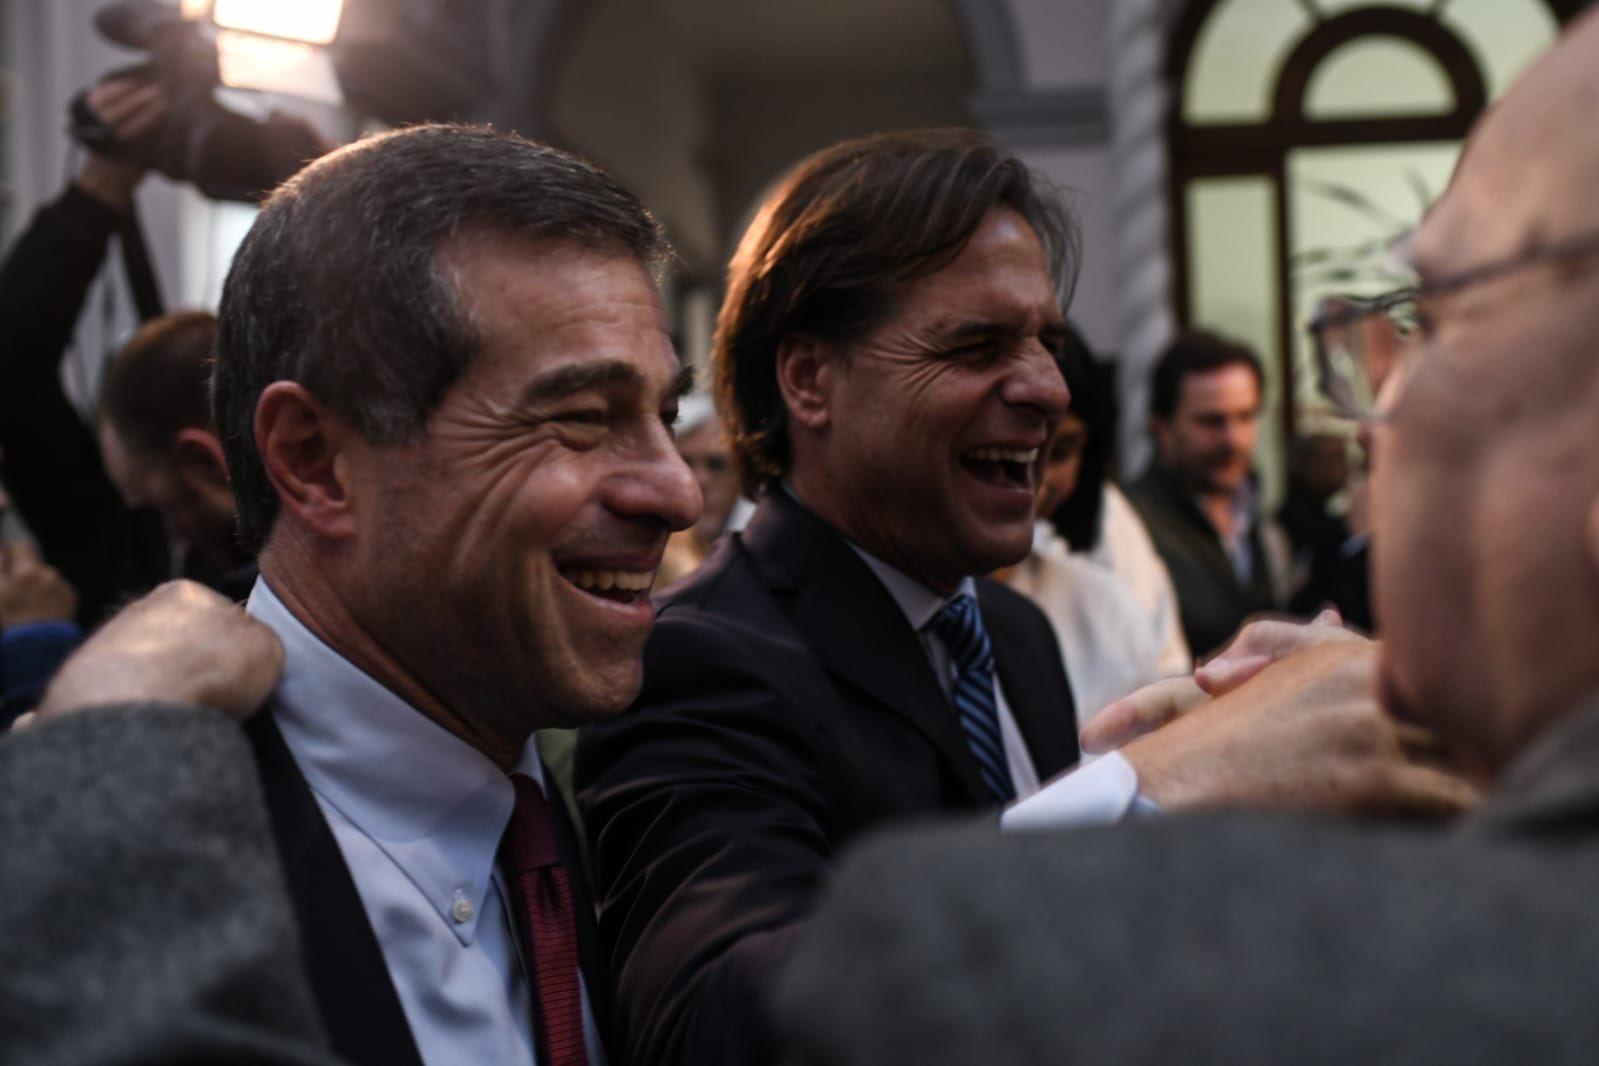 En noviembre de 2019, Talvi le dio su adhesión a Lacalle Pou y pidió que los votantes colorados se volcaran al entonces candidato nacionalista. Foto: Twitter / Ernesto Talvi